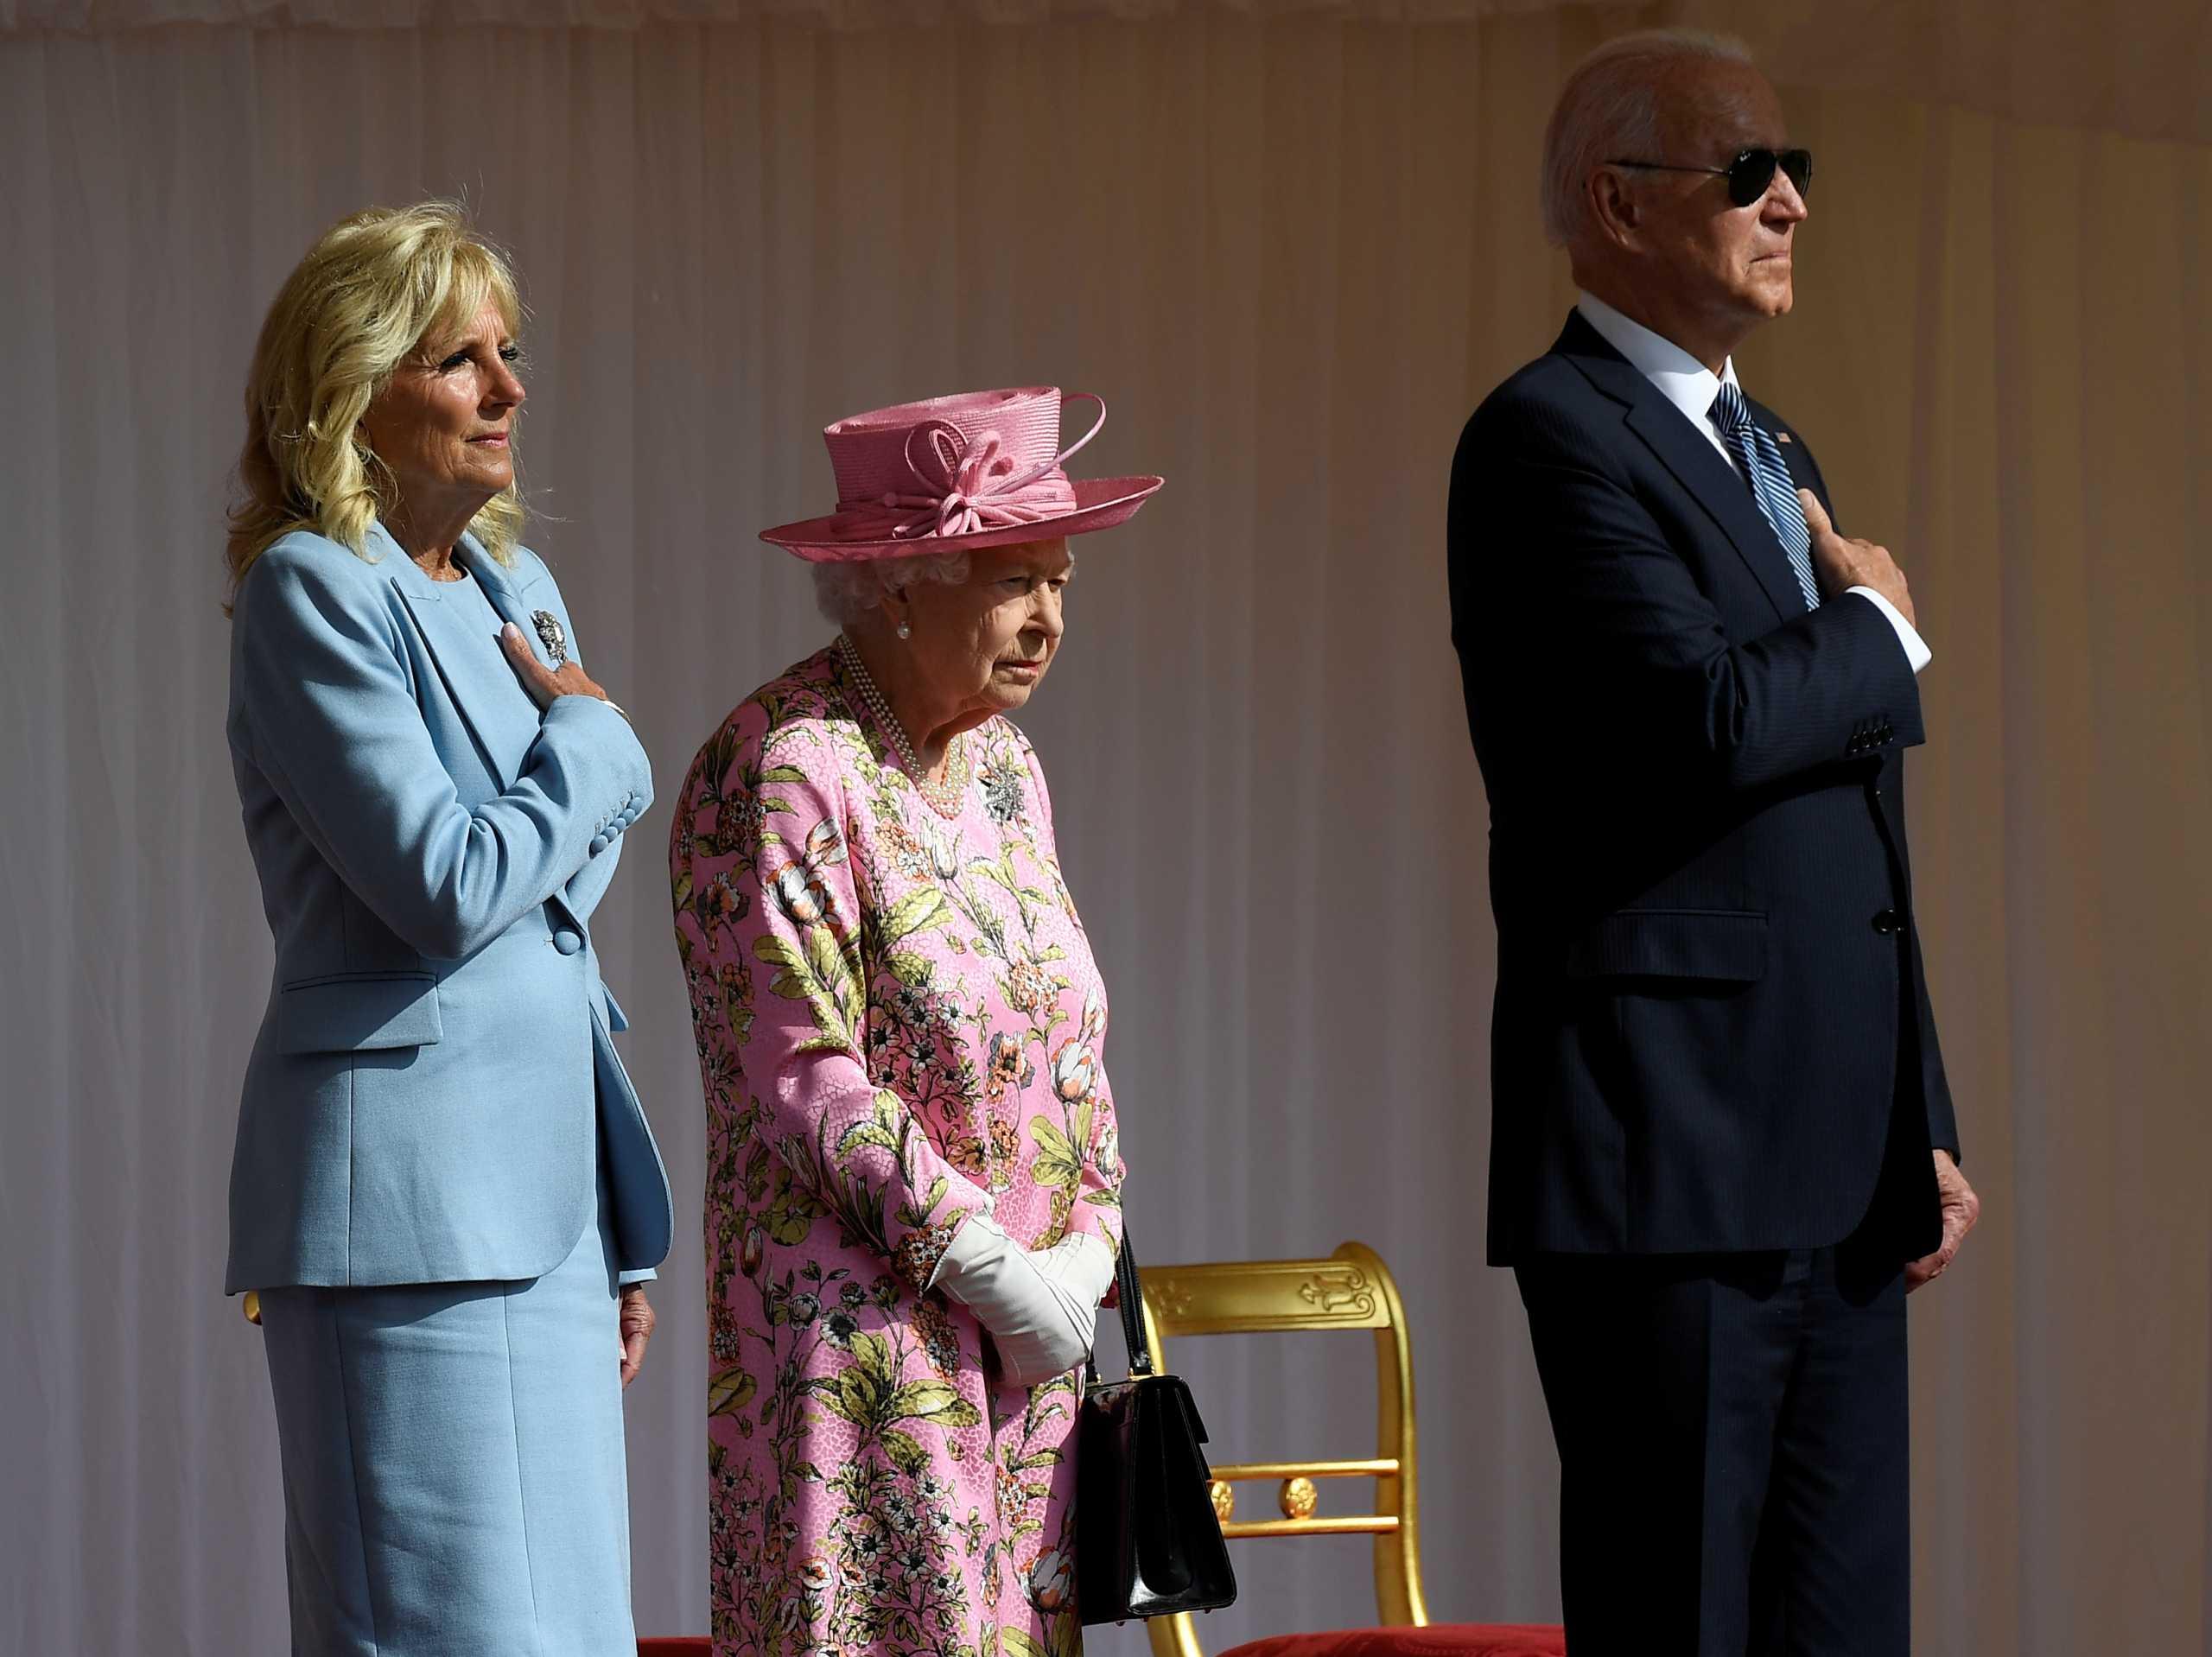 Ο Μπάιντεν έγινε ο 13ος πρόεδρος τον ΗΠΑ που συνάντησε την Ελισάβετ (pics)